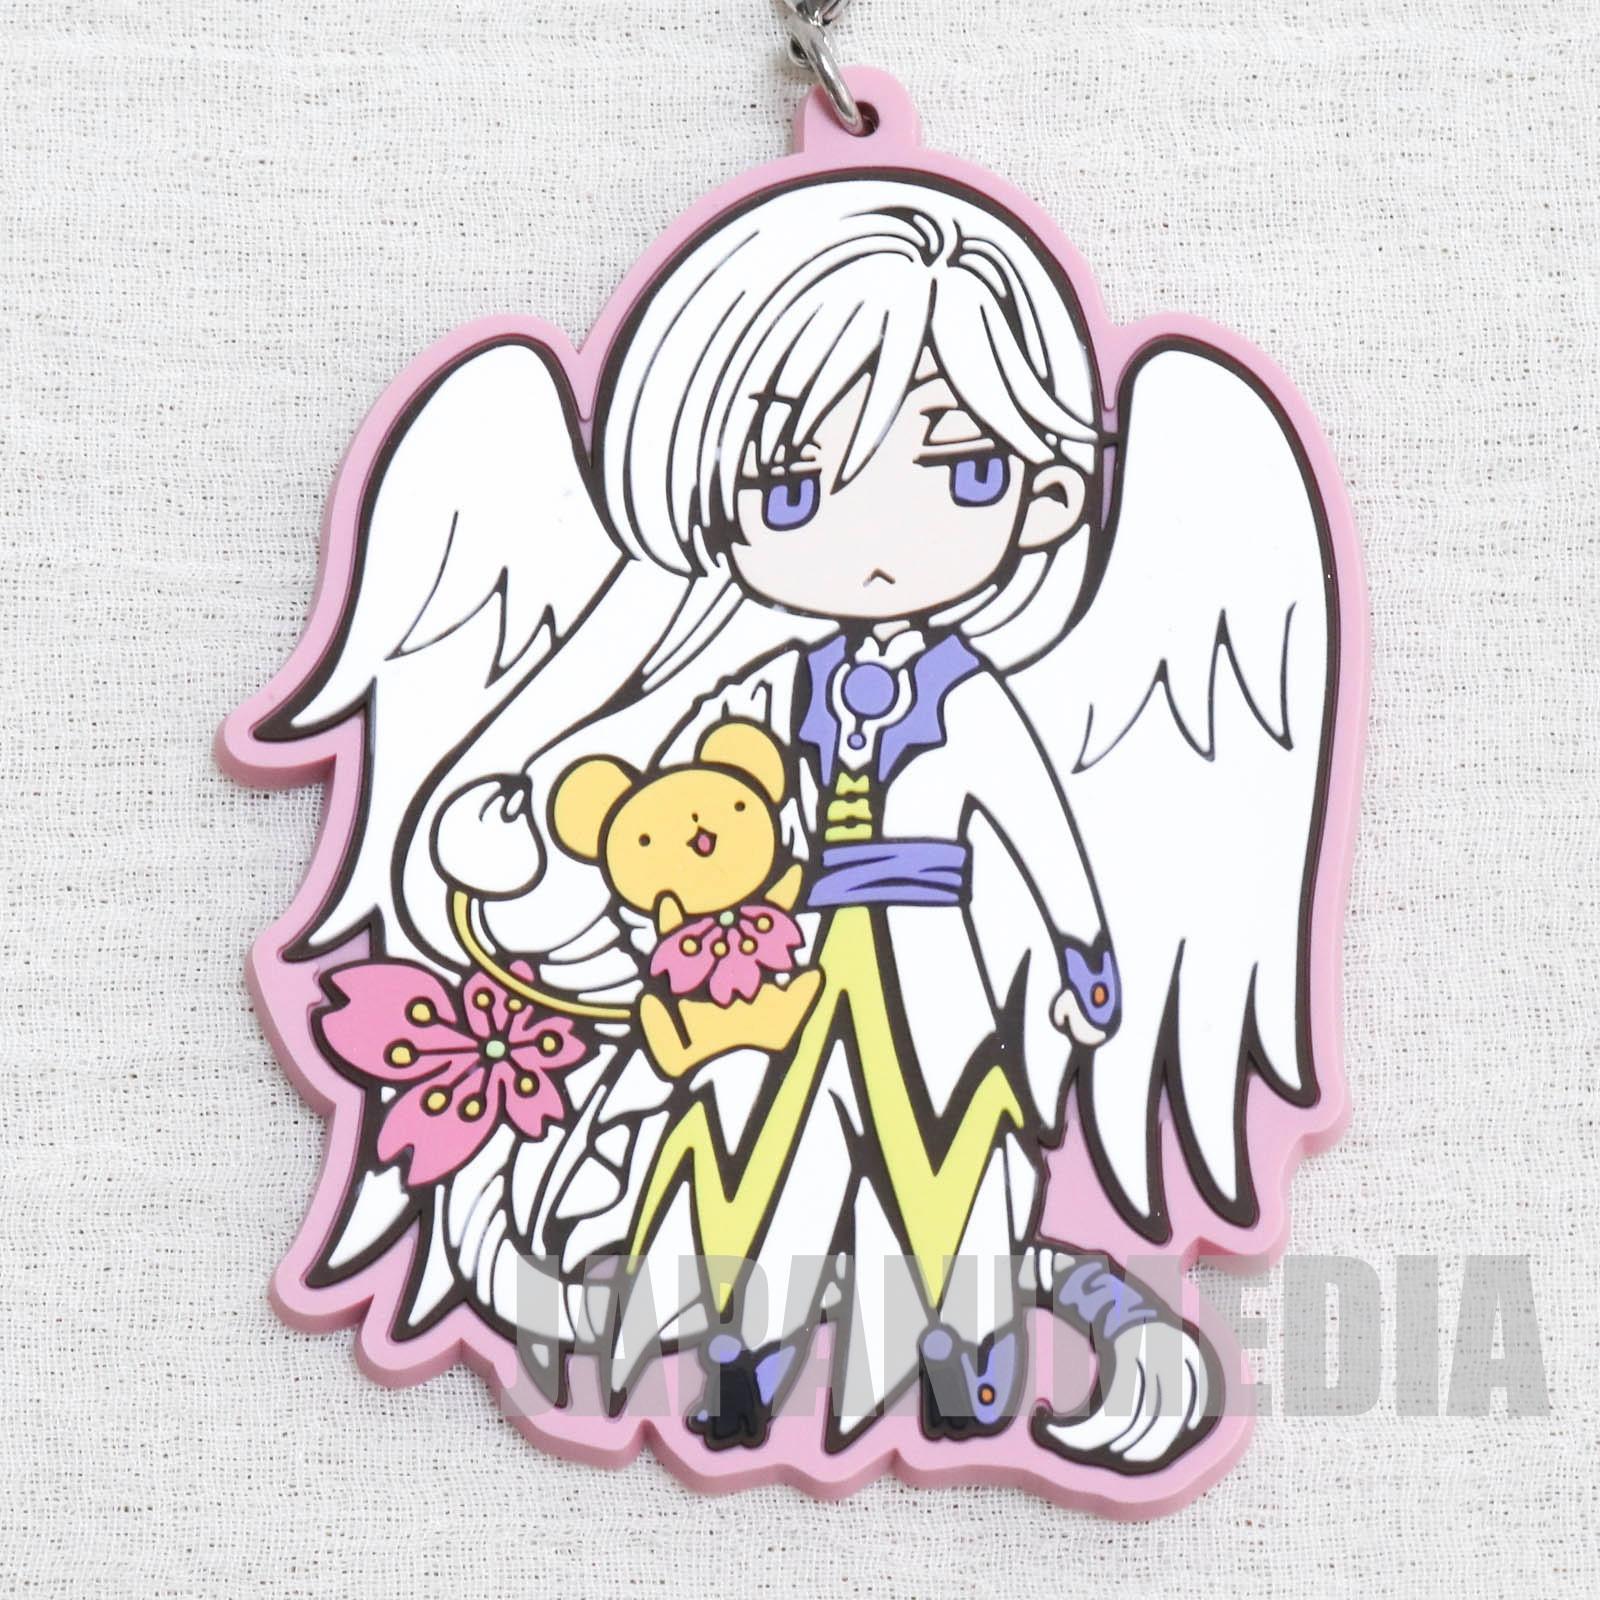 Cardcaptor Sakura Yue & Kero-chan Rubber strap CLAMP JAPAN ANIME